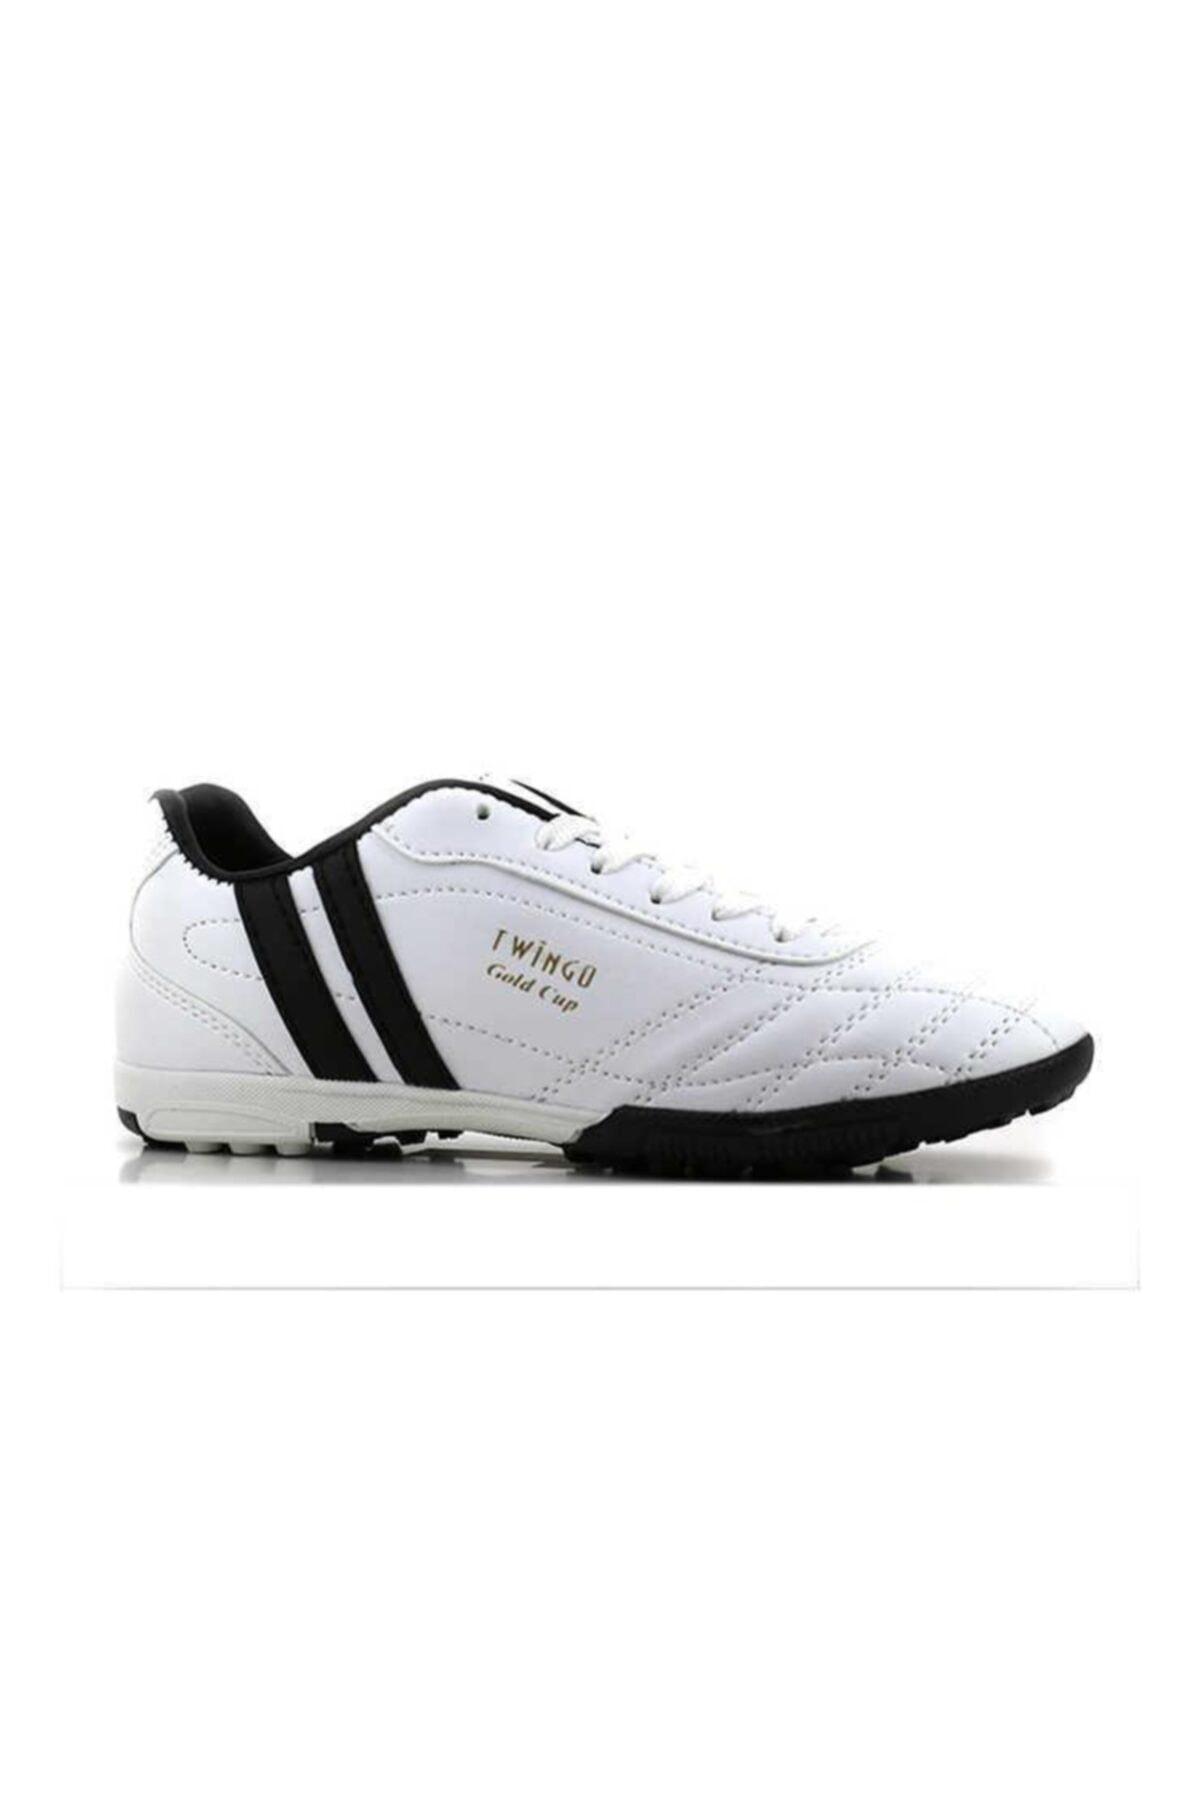 Twingo 134 Erkek Beyaz Halı Saha Futbol Ayakkabı 1